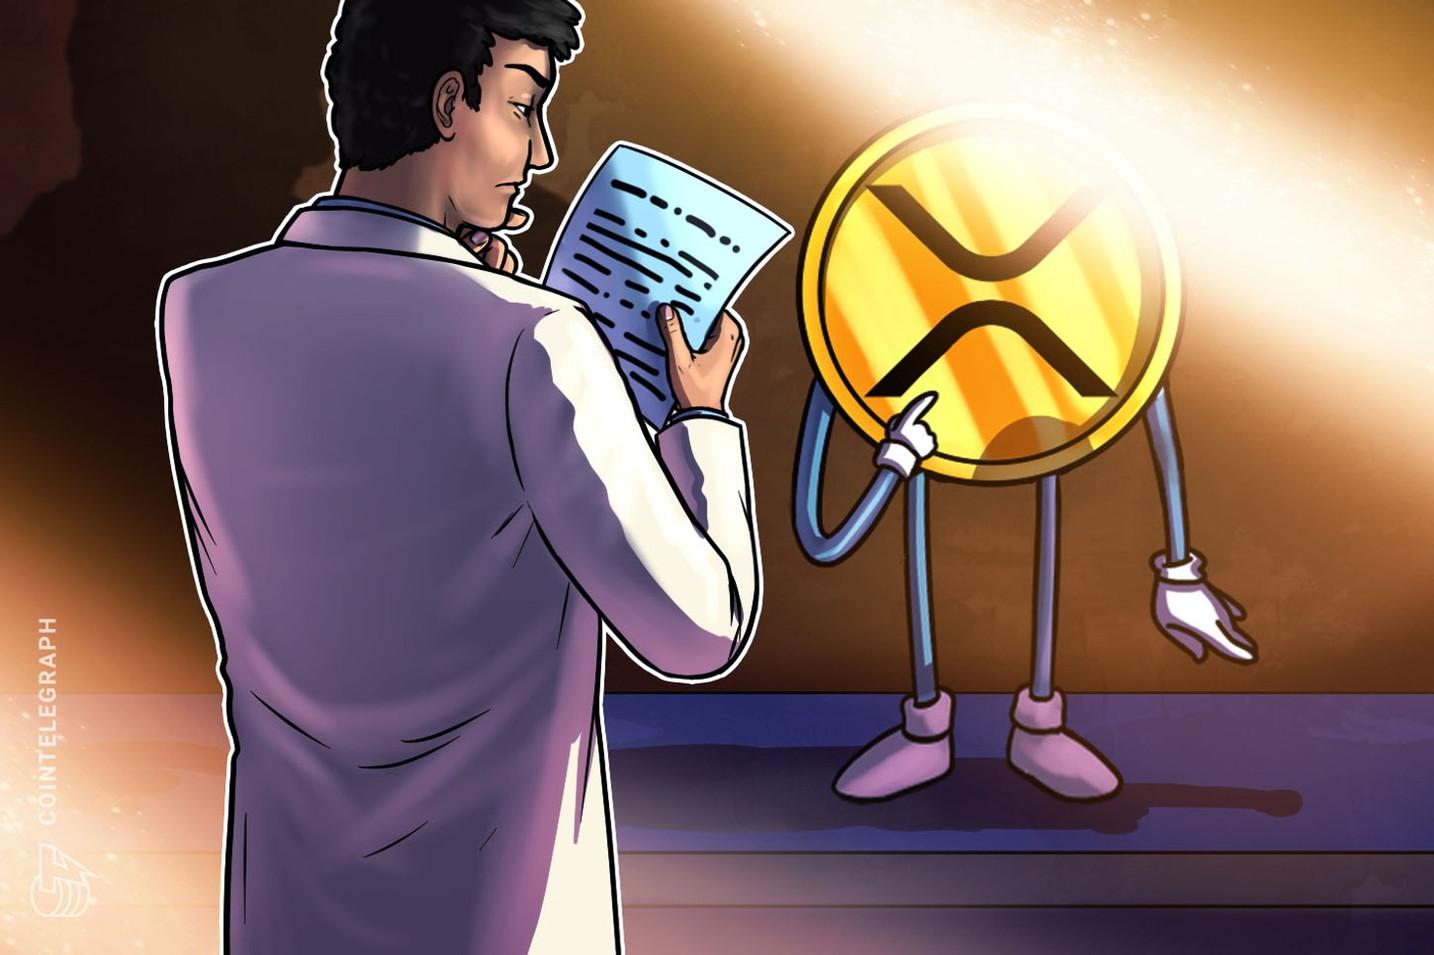 リップル社が仮想通貨とCBDCに関するレポート発表、ステーブルコインへの関心が急上昇